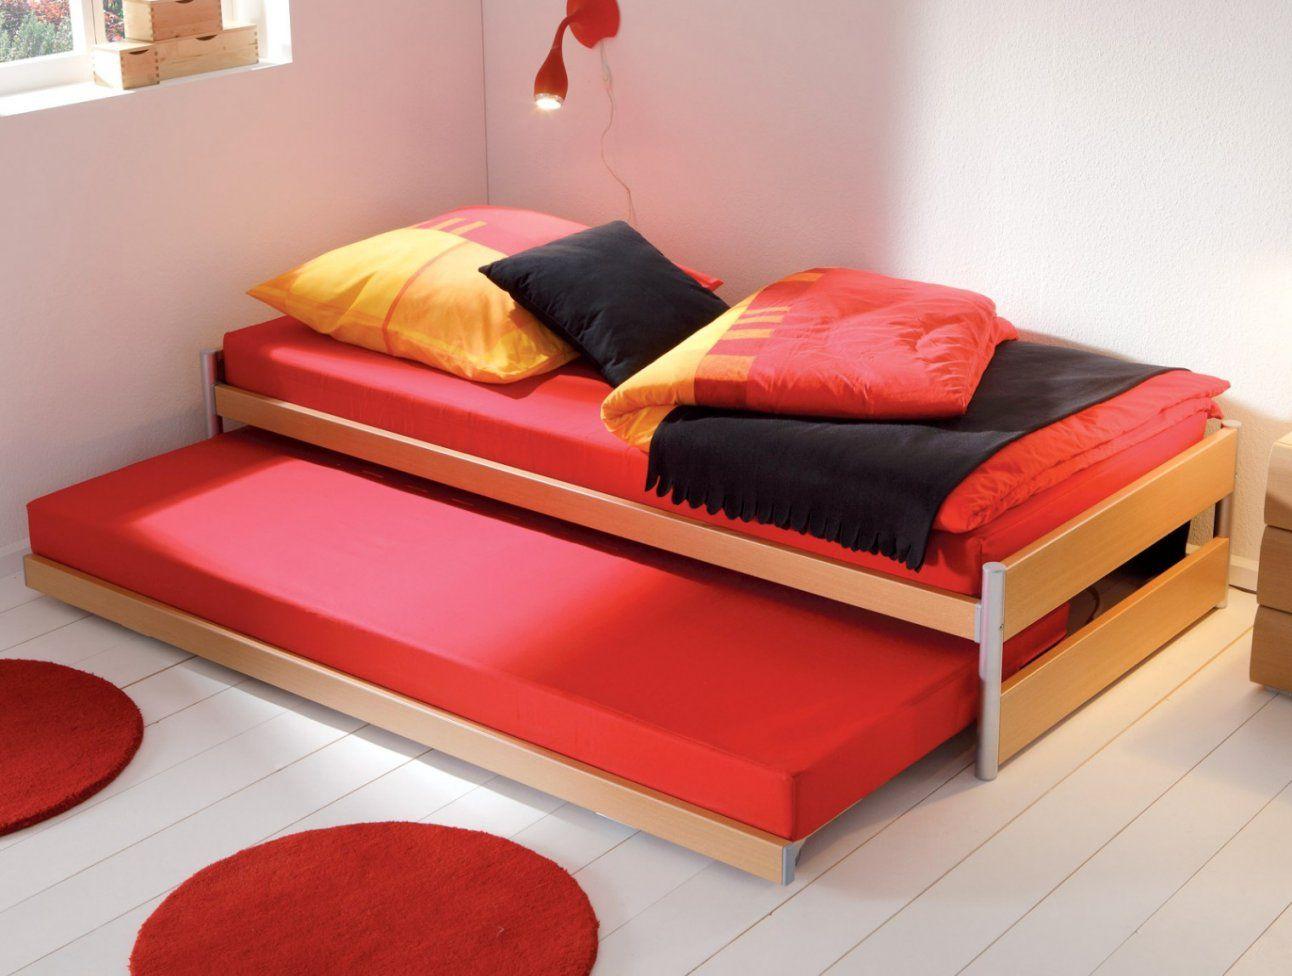 Luxuriös Einzelbett Mit Unterbett Weia Rheumriehbett Kinderbett Bett von Kinderbett Mit Gästebett Ikea Bild